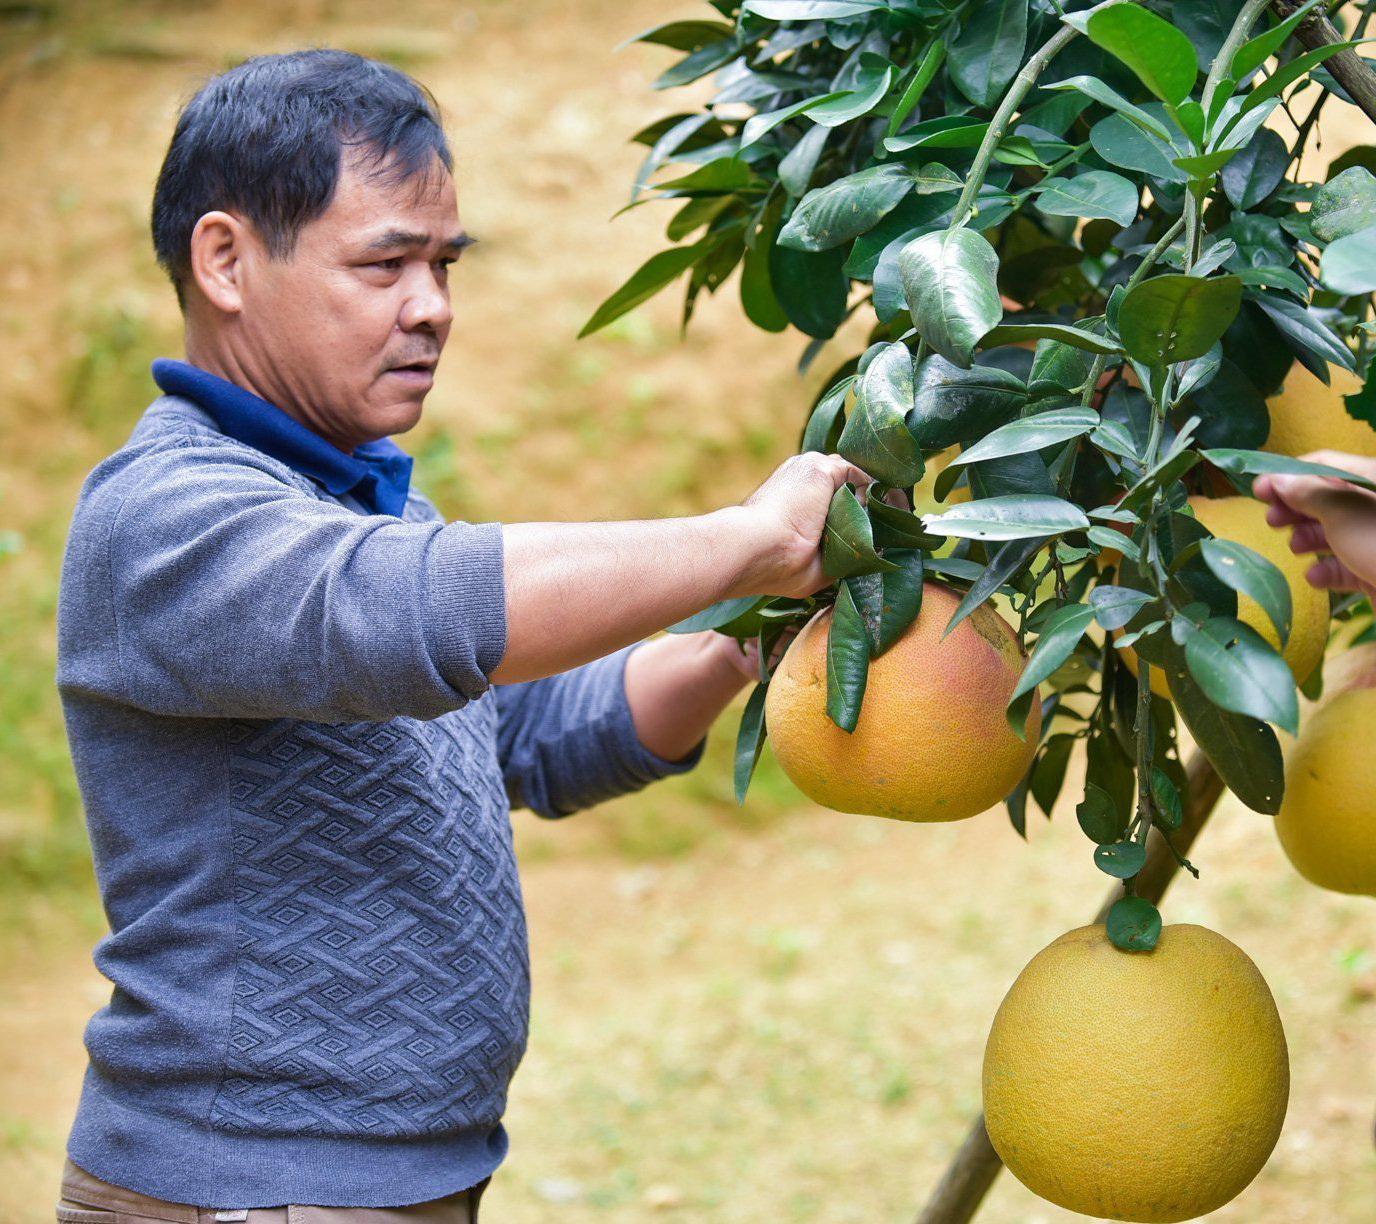 Bưởi 'tiến vua', nửa triệu đồng một quả, nông dân không có đủ hàng để bán